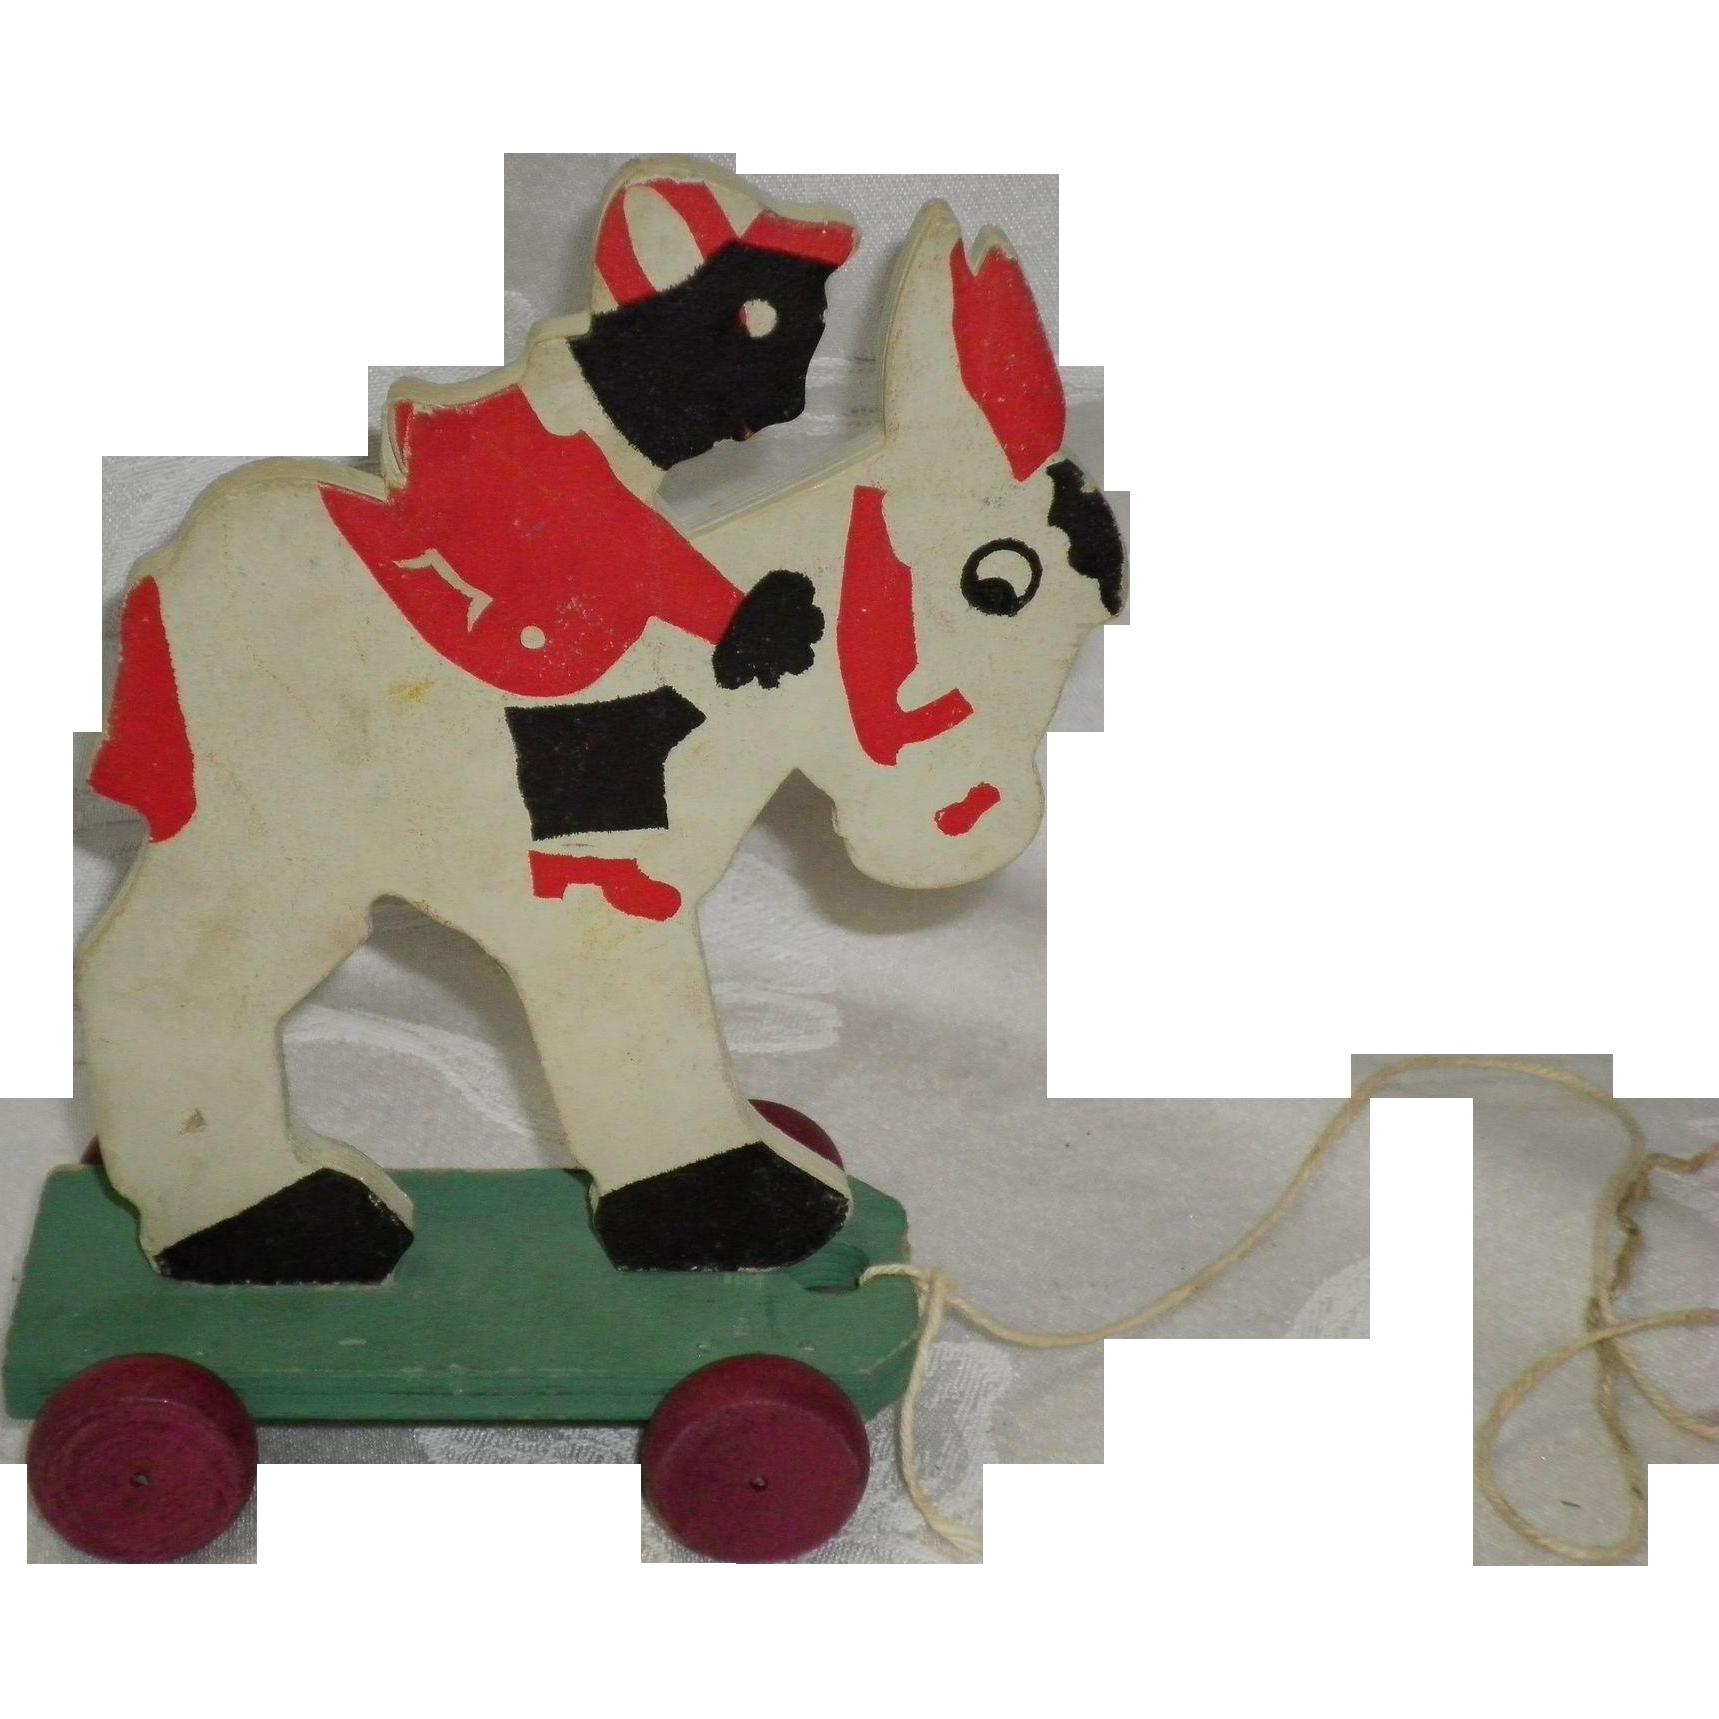 1930's Donkey & Rider Bumpa Pull Toys